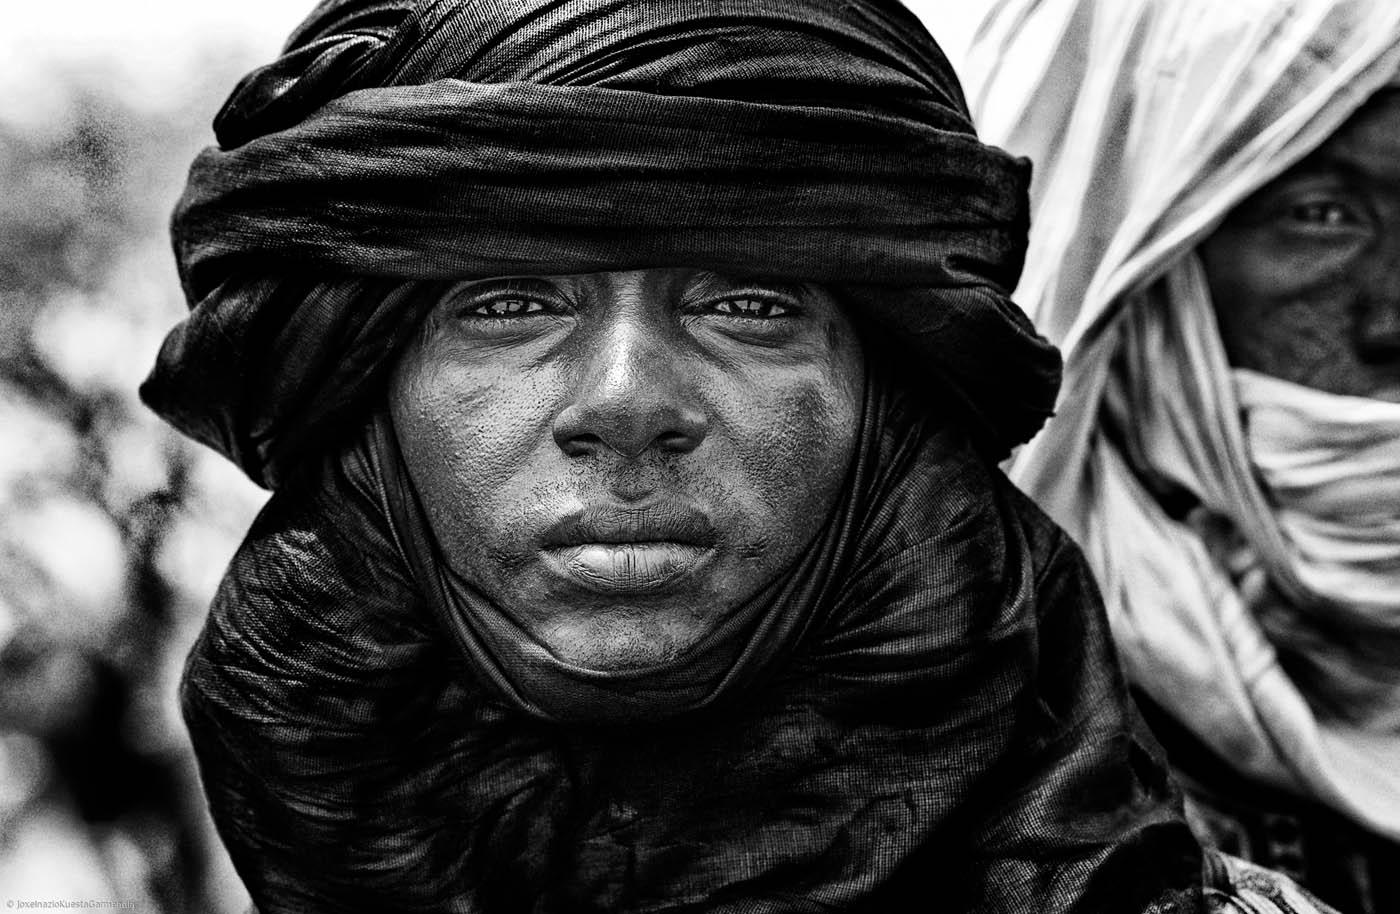 portrait photography man by joxe inazio kuesta garmendia